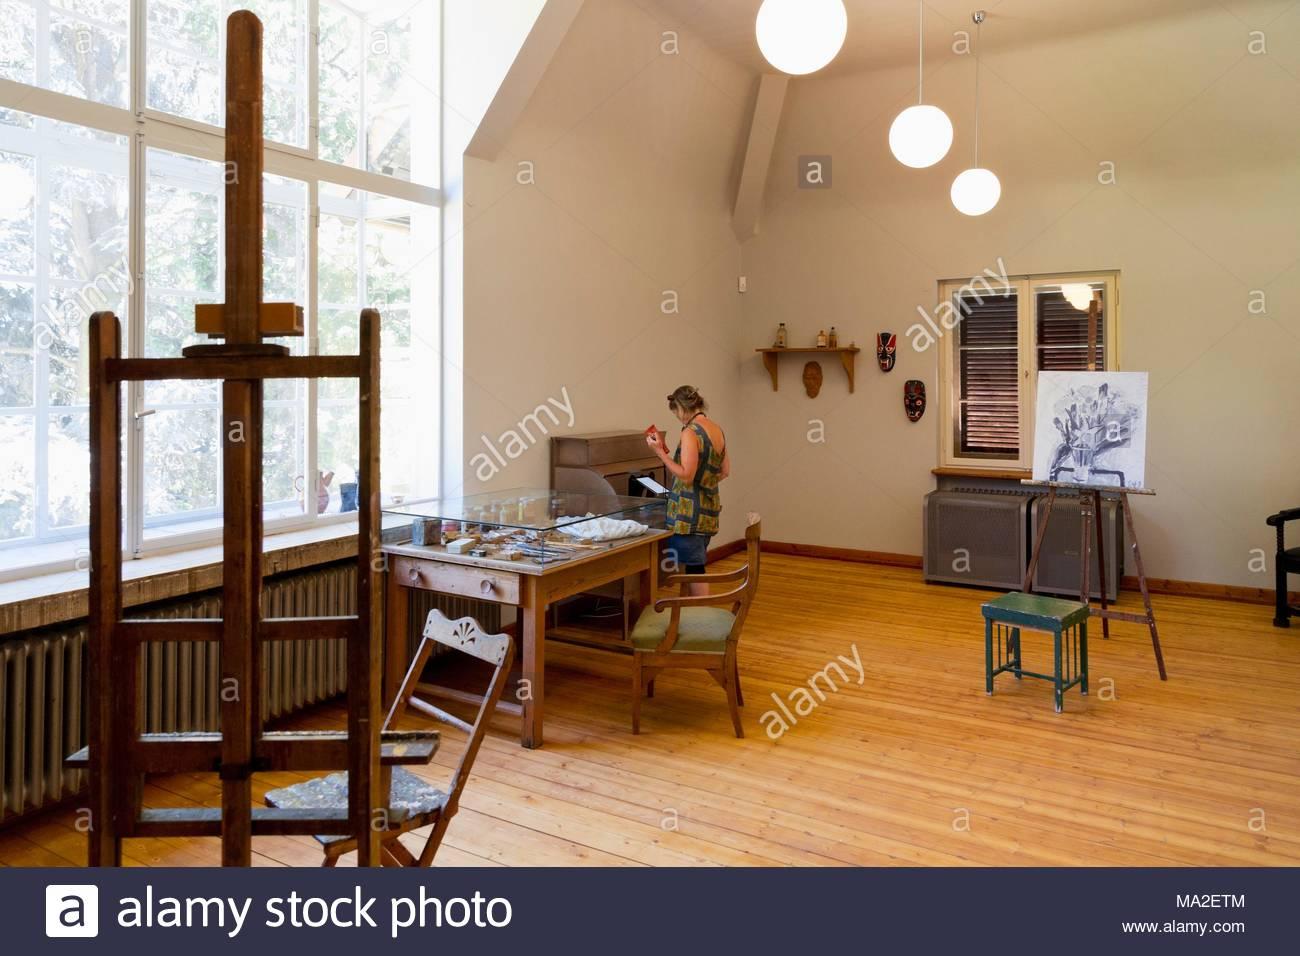 De Style Art Deco Et Bauhau Haus Otto Dix Dans Le Museum De